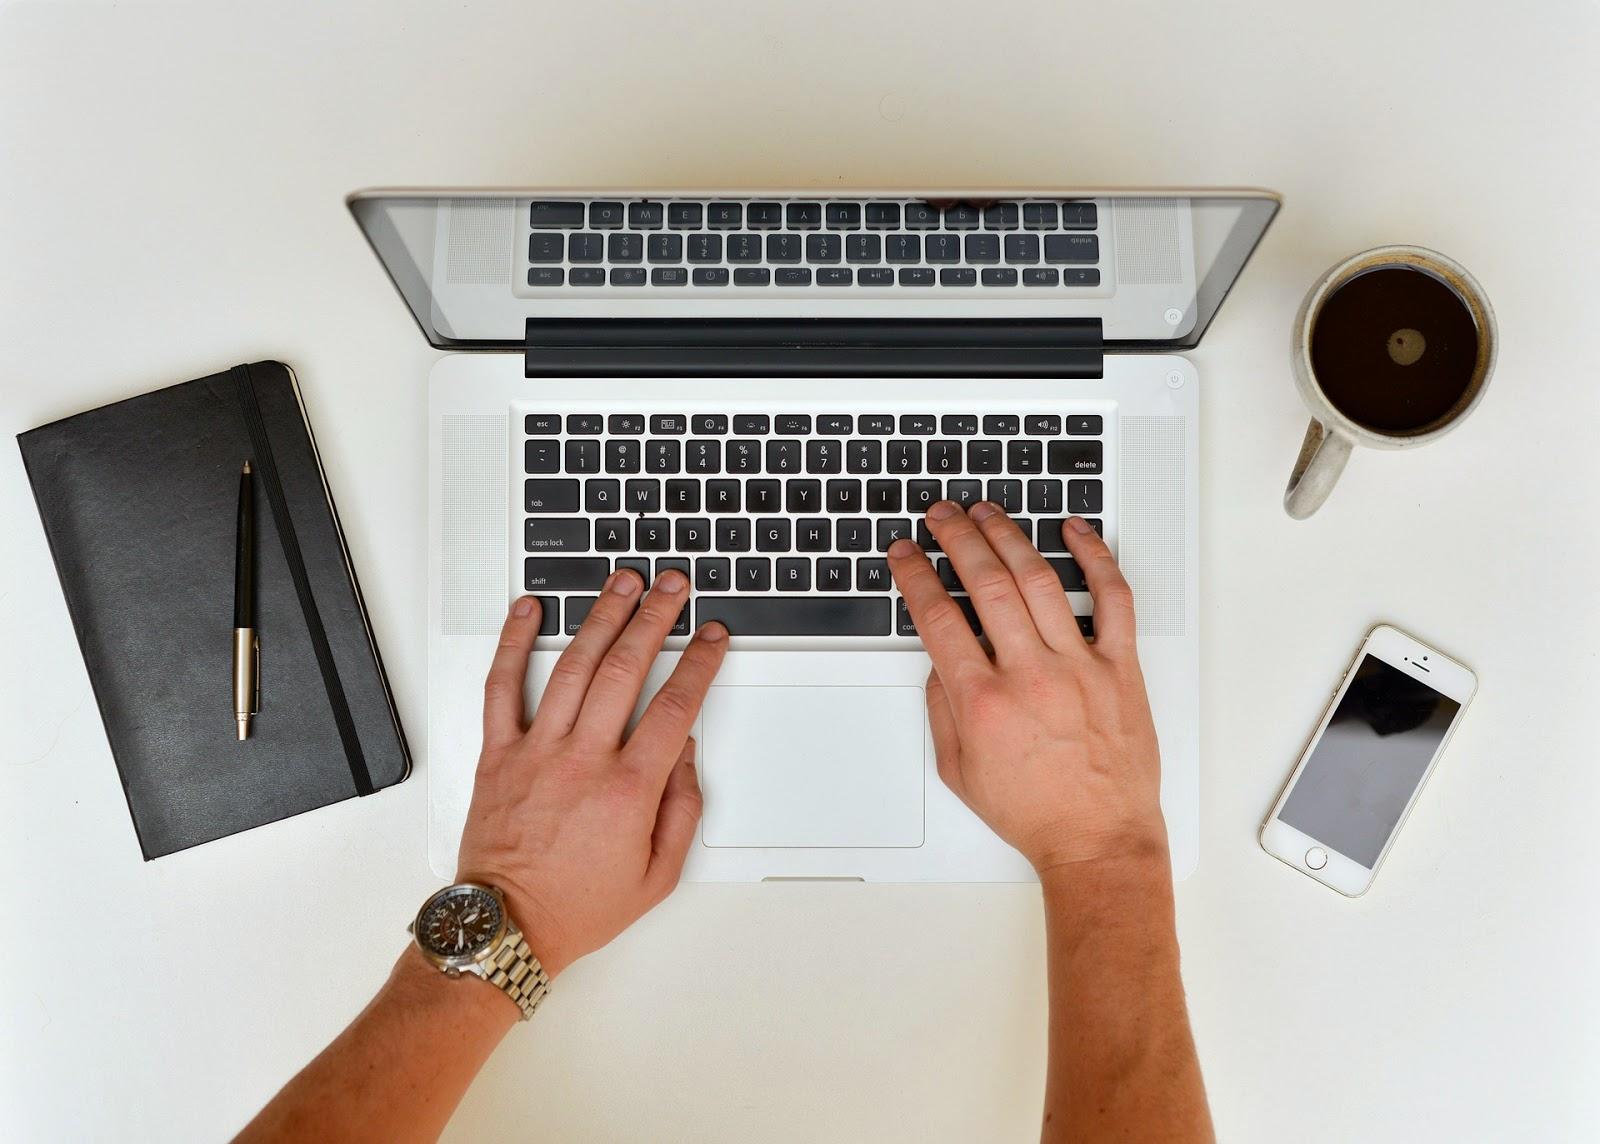 Πώς θα μάθετε πολύ εύκολα δαχτυλογράφηση;